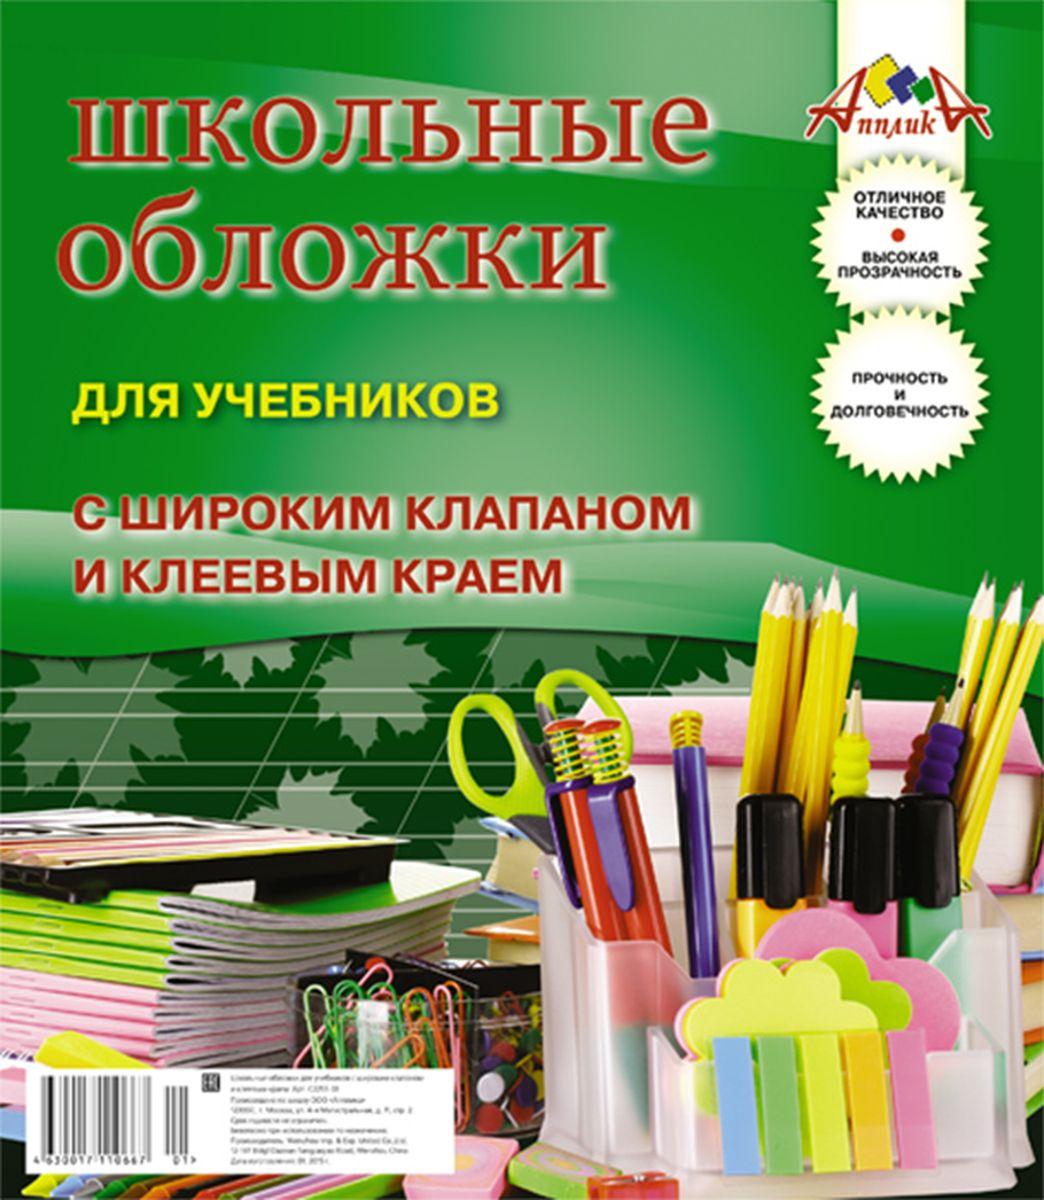 Апплика Набор обложек для учебников 5 шт апплика набор обложек для учебников младших классов 5 шт